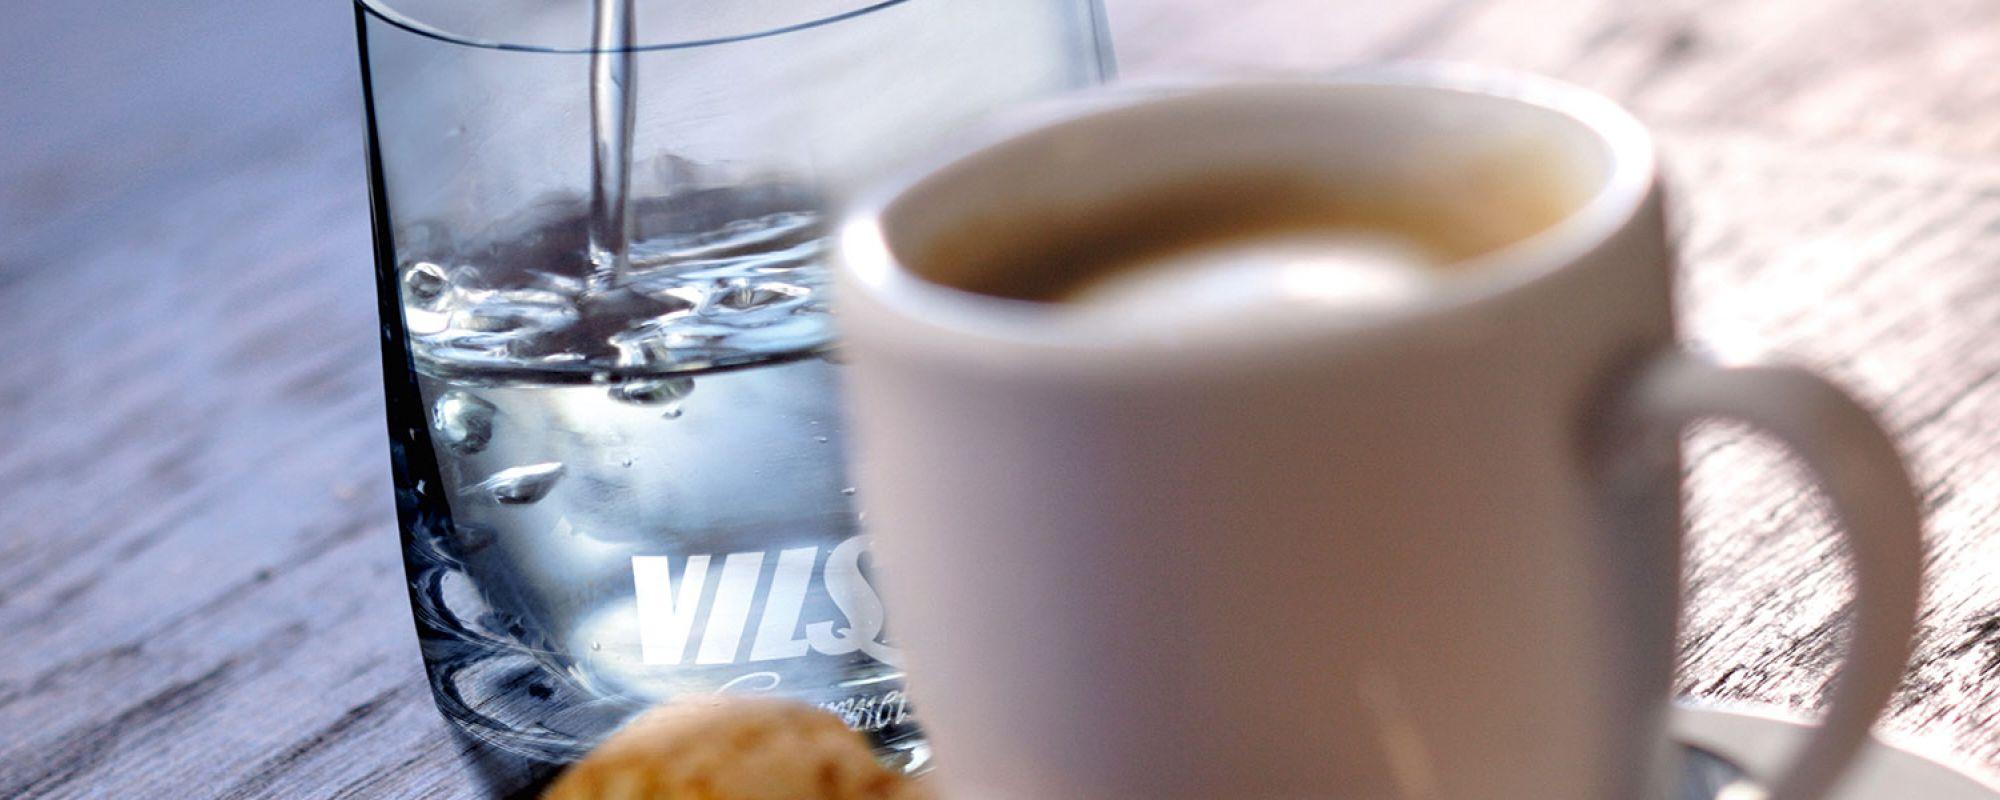 VILSA Mineralwasser neben einer Tasse Kaffee